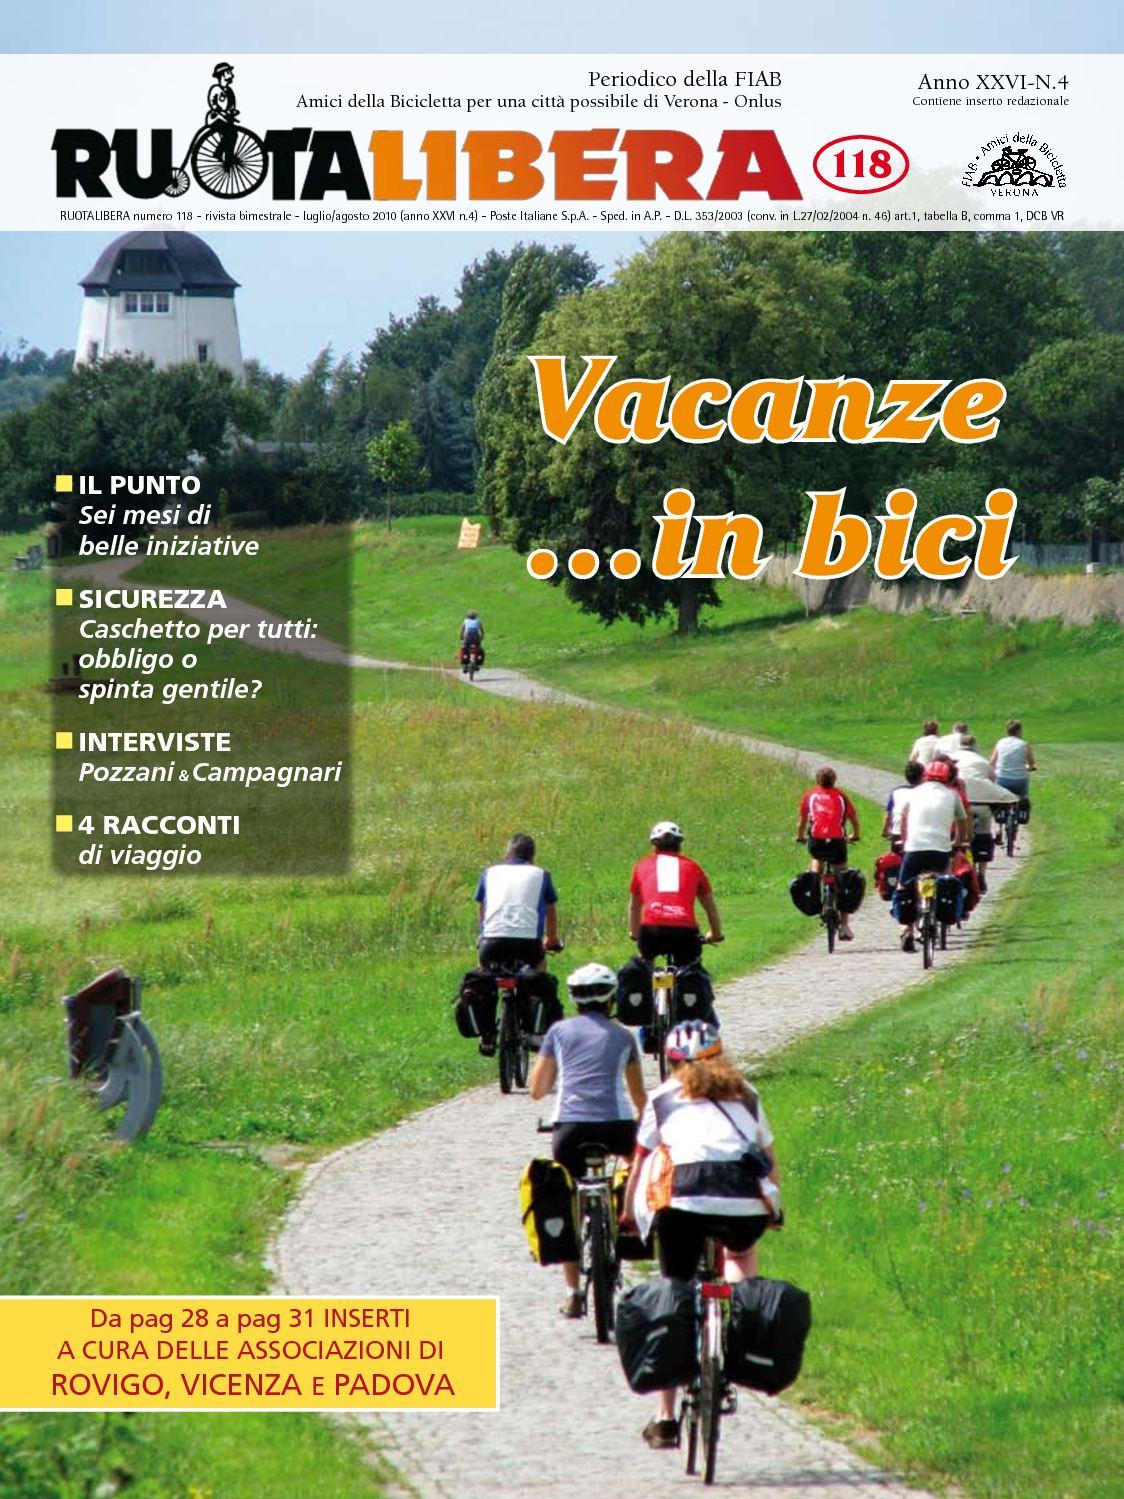 Ruotalibera 118 (luglio/agosto 2010) - FIAB AdB Verona